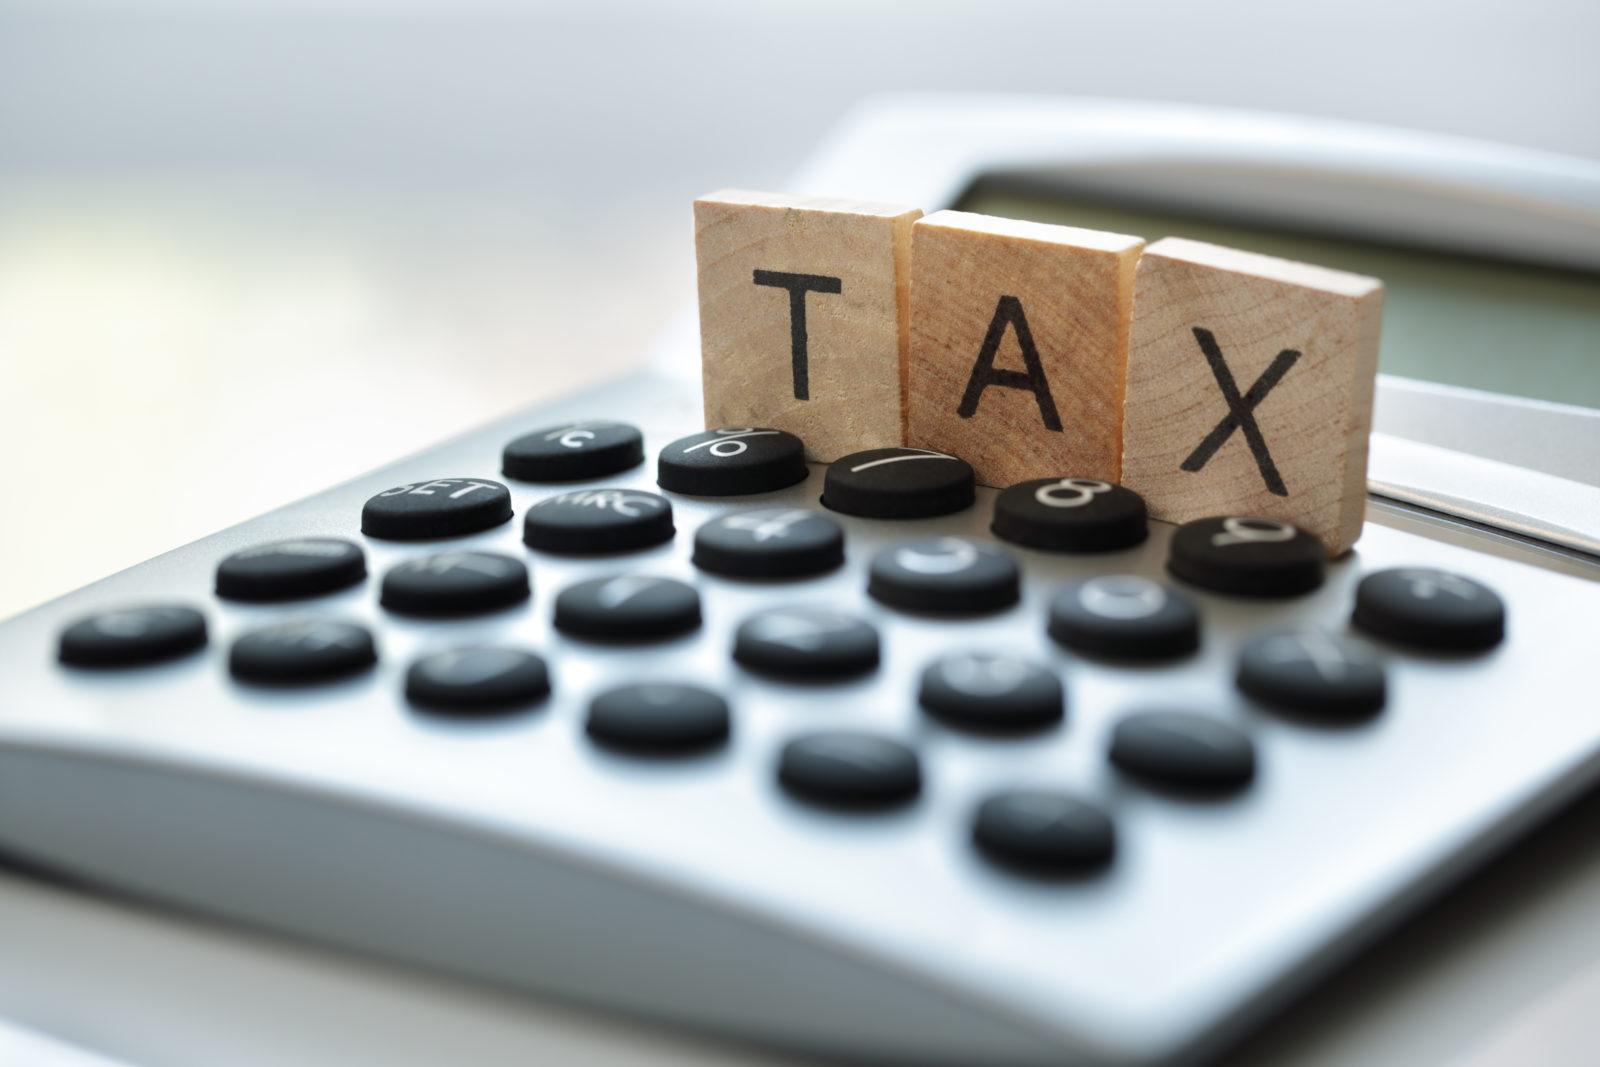 Nhập khẩu hàng hóa từ nước ngoài có phải nộp thuế nhà thầu không?